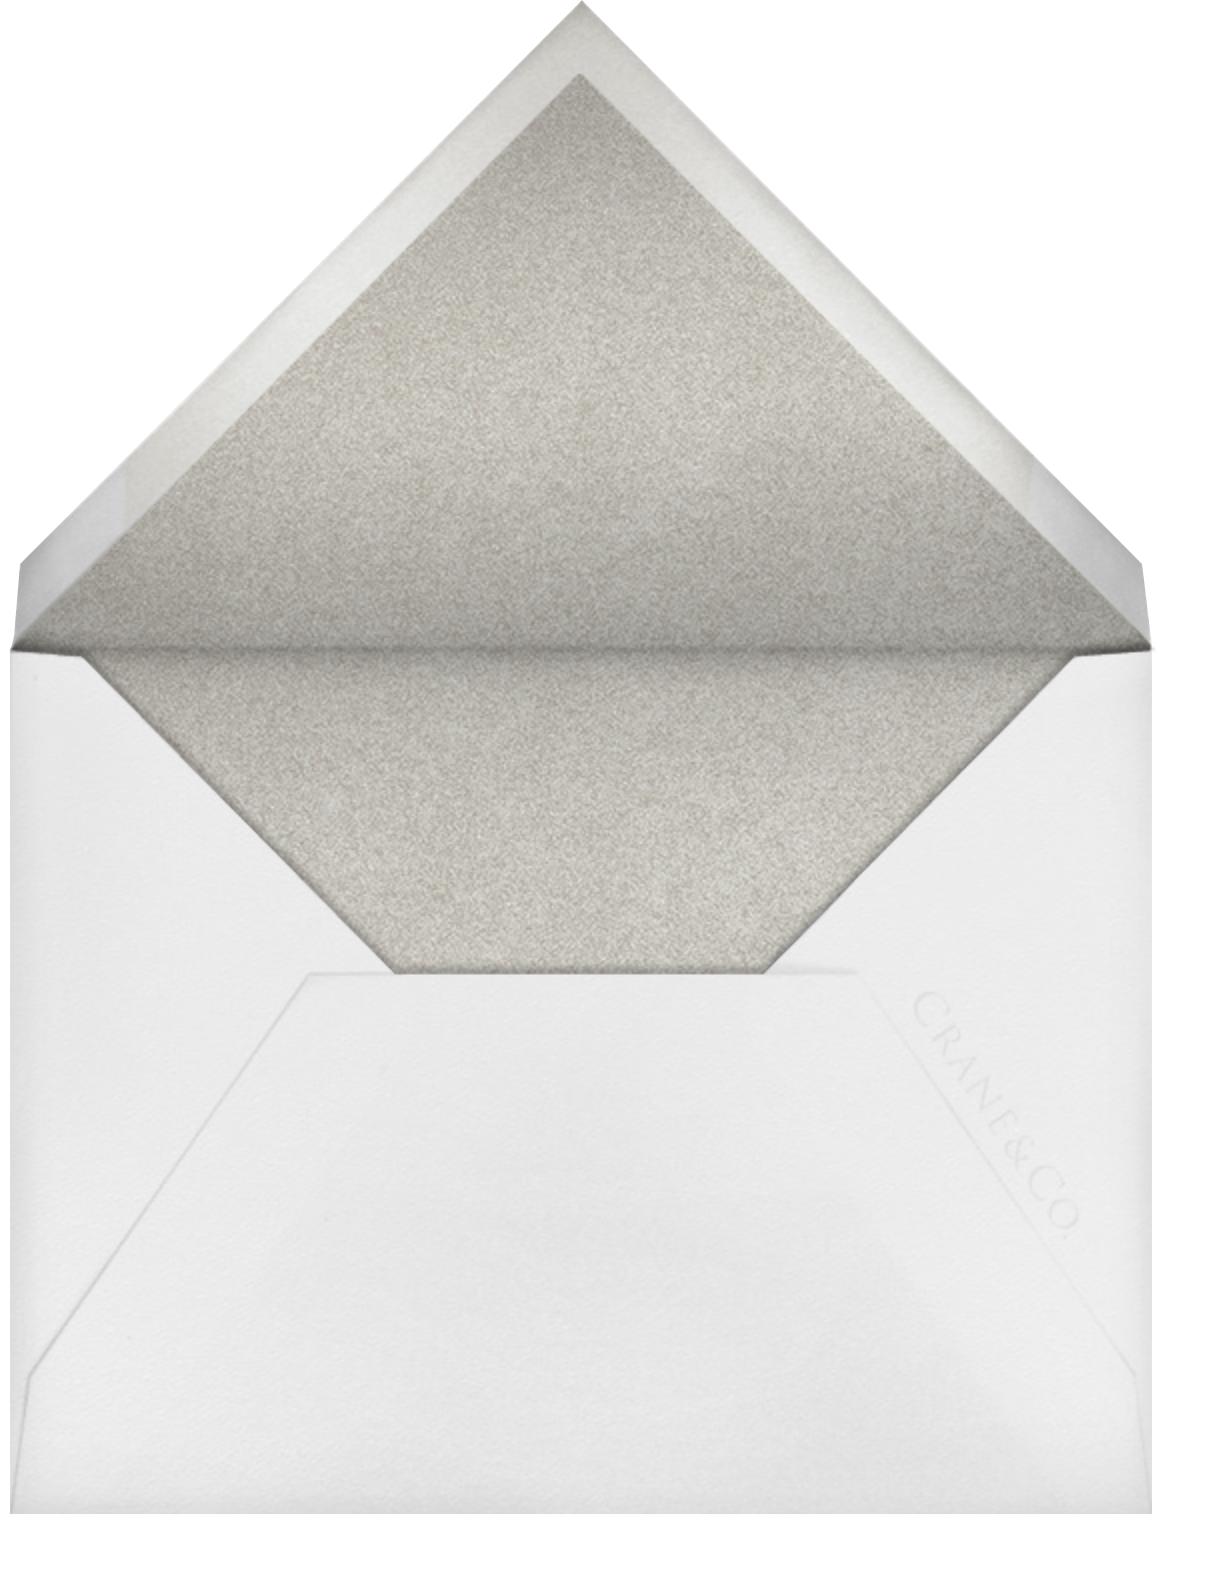 Hydrangea Lace II (Save The Date) - Platinum - Oscar de la Renta - Envelope